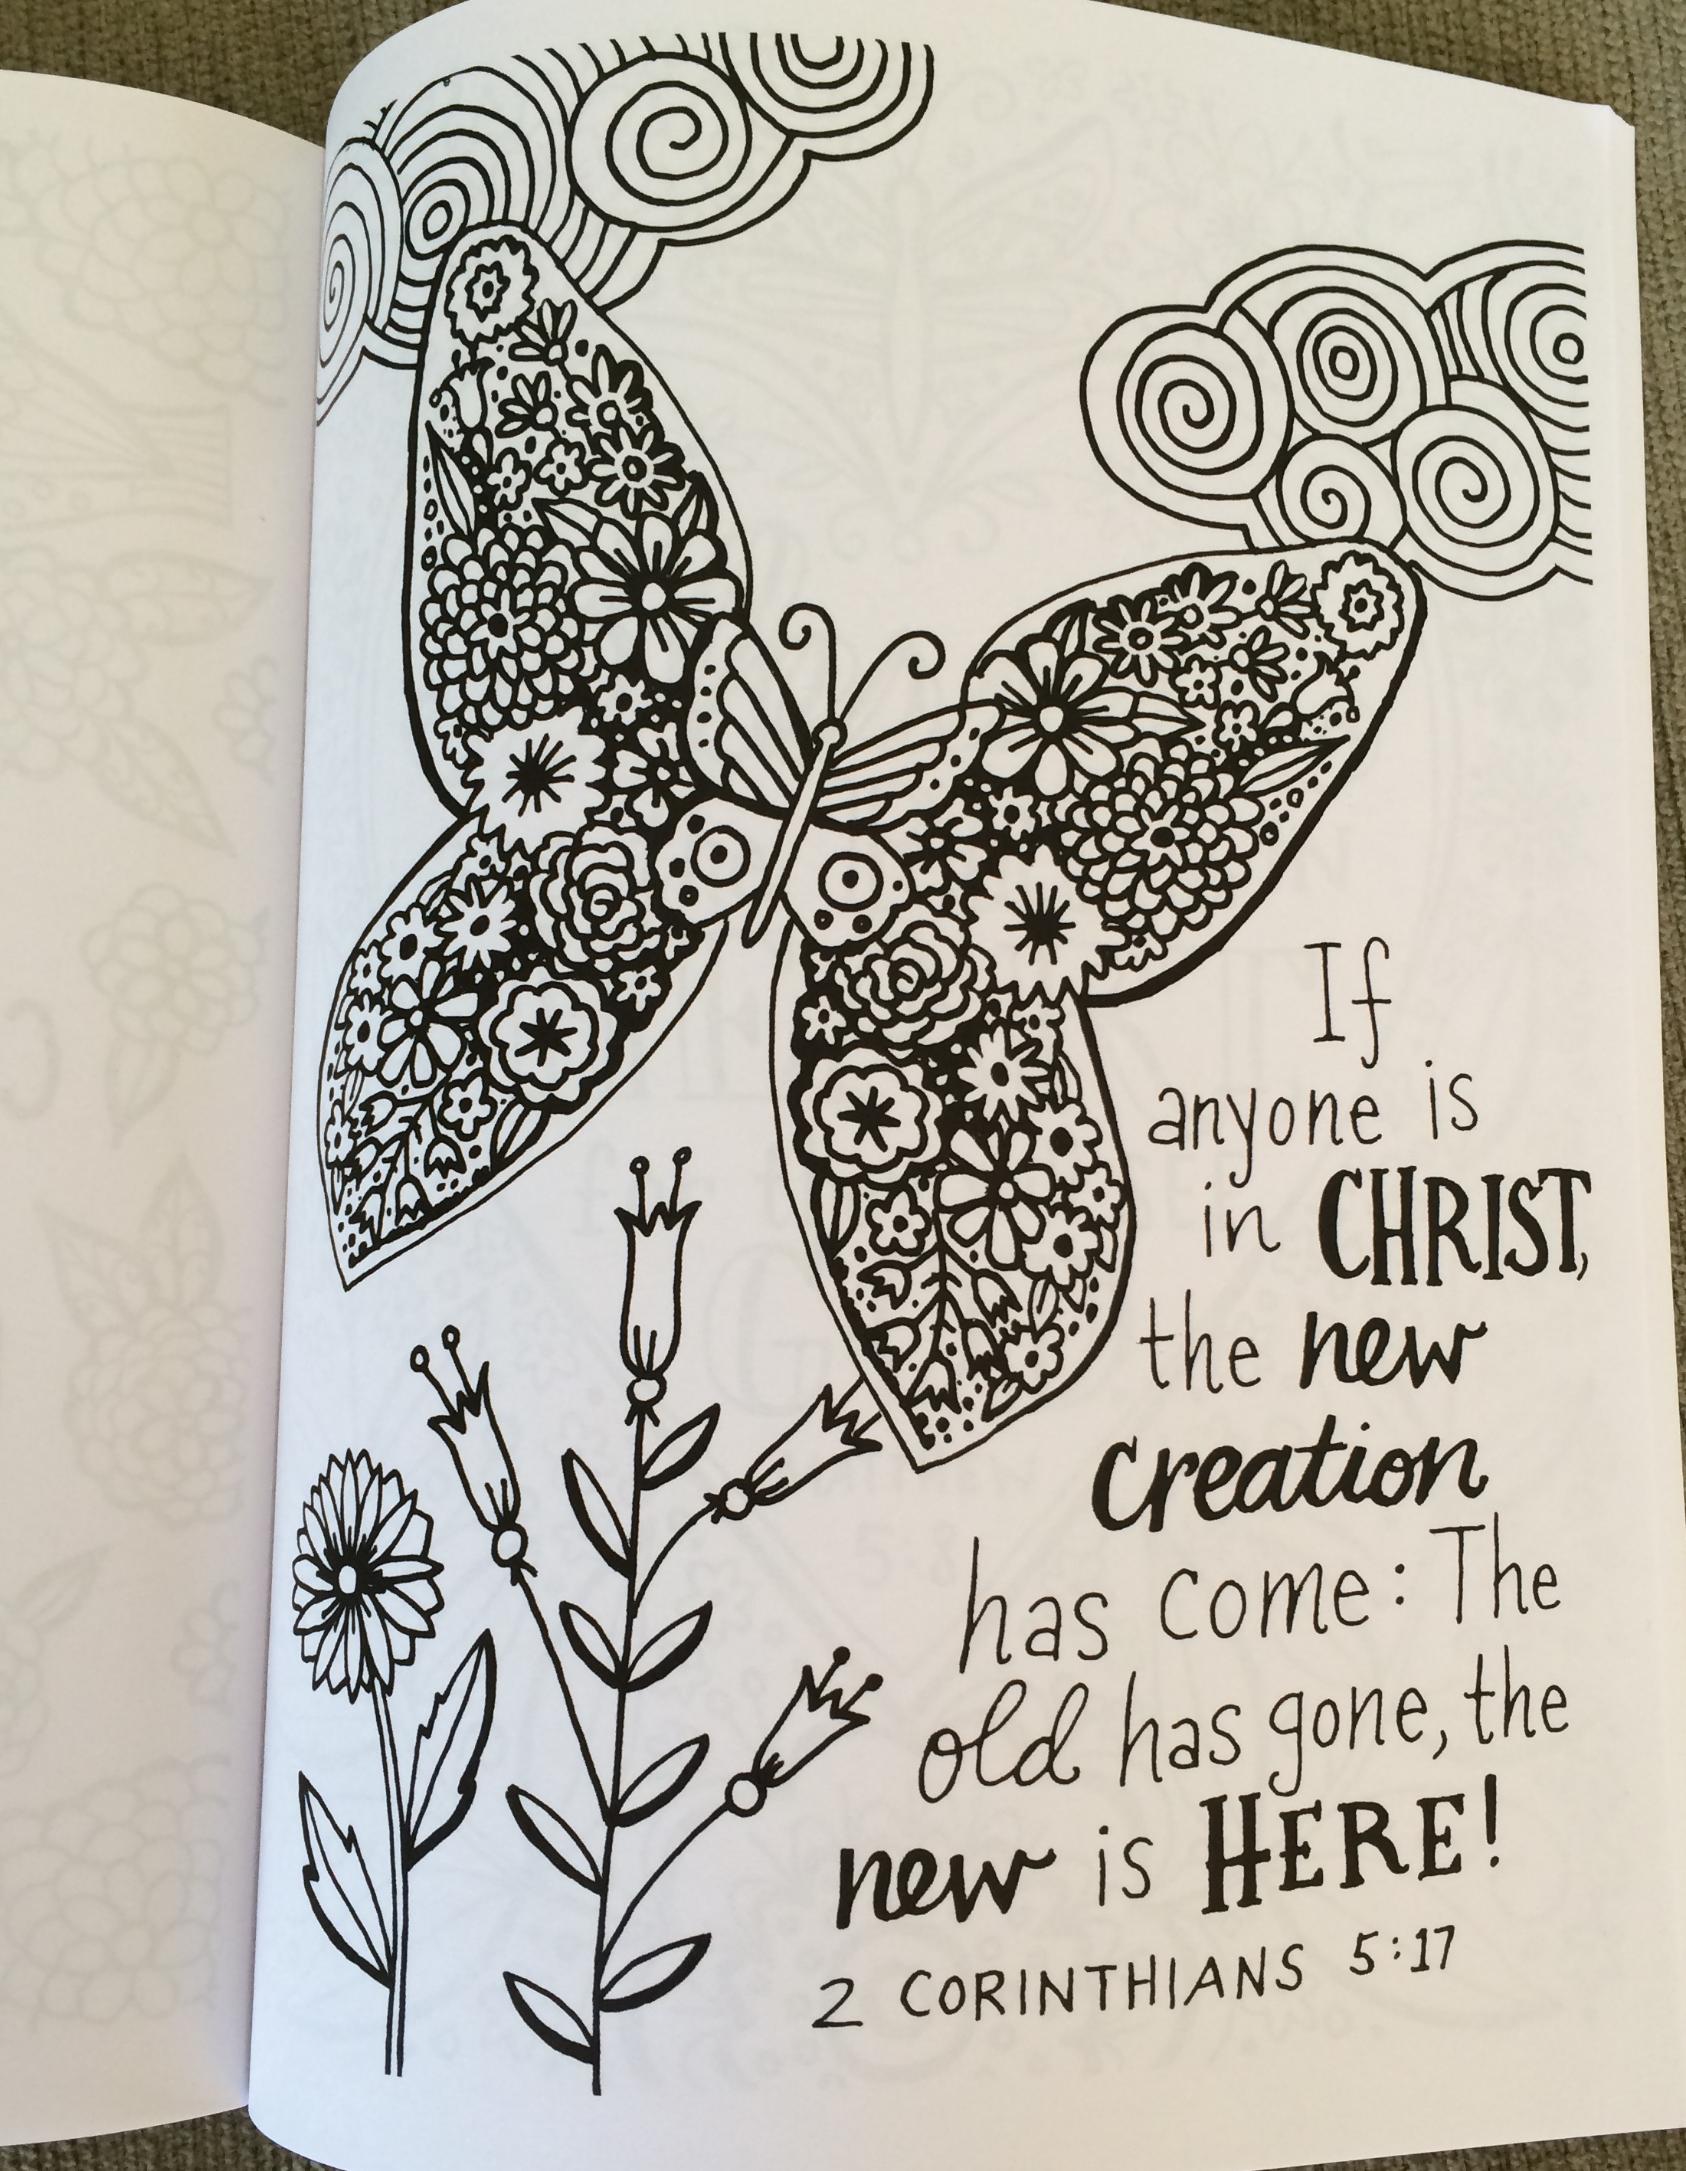 2Cor 5:17